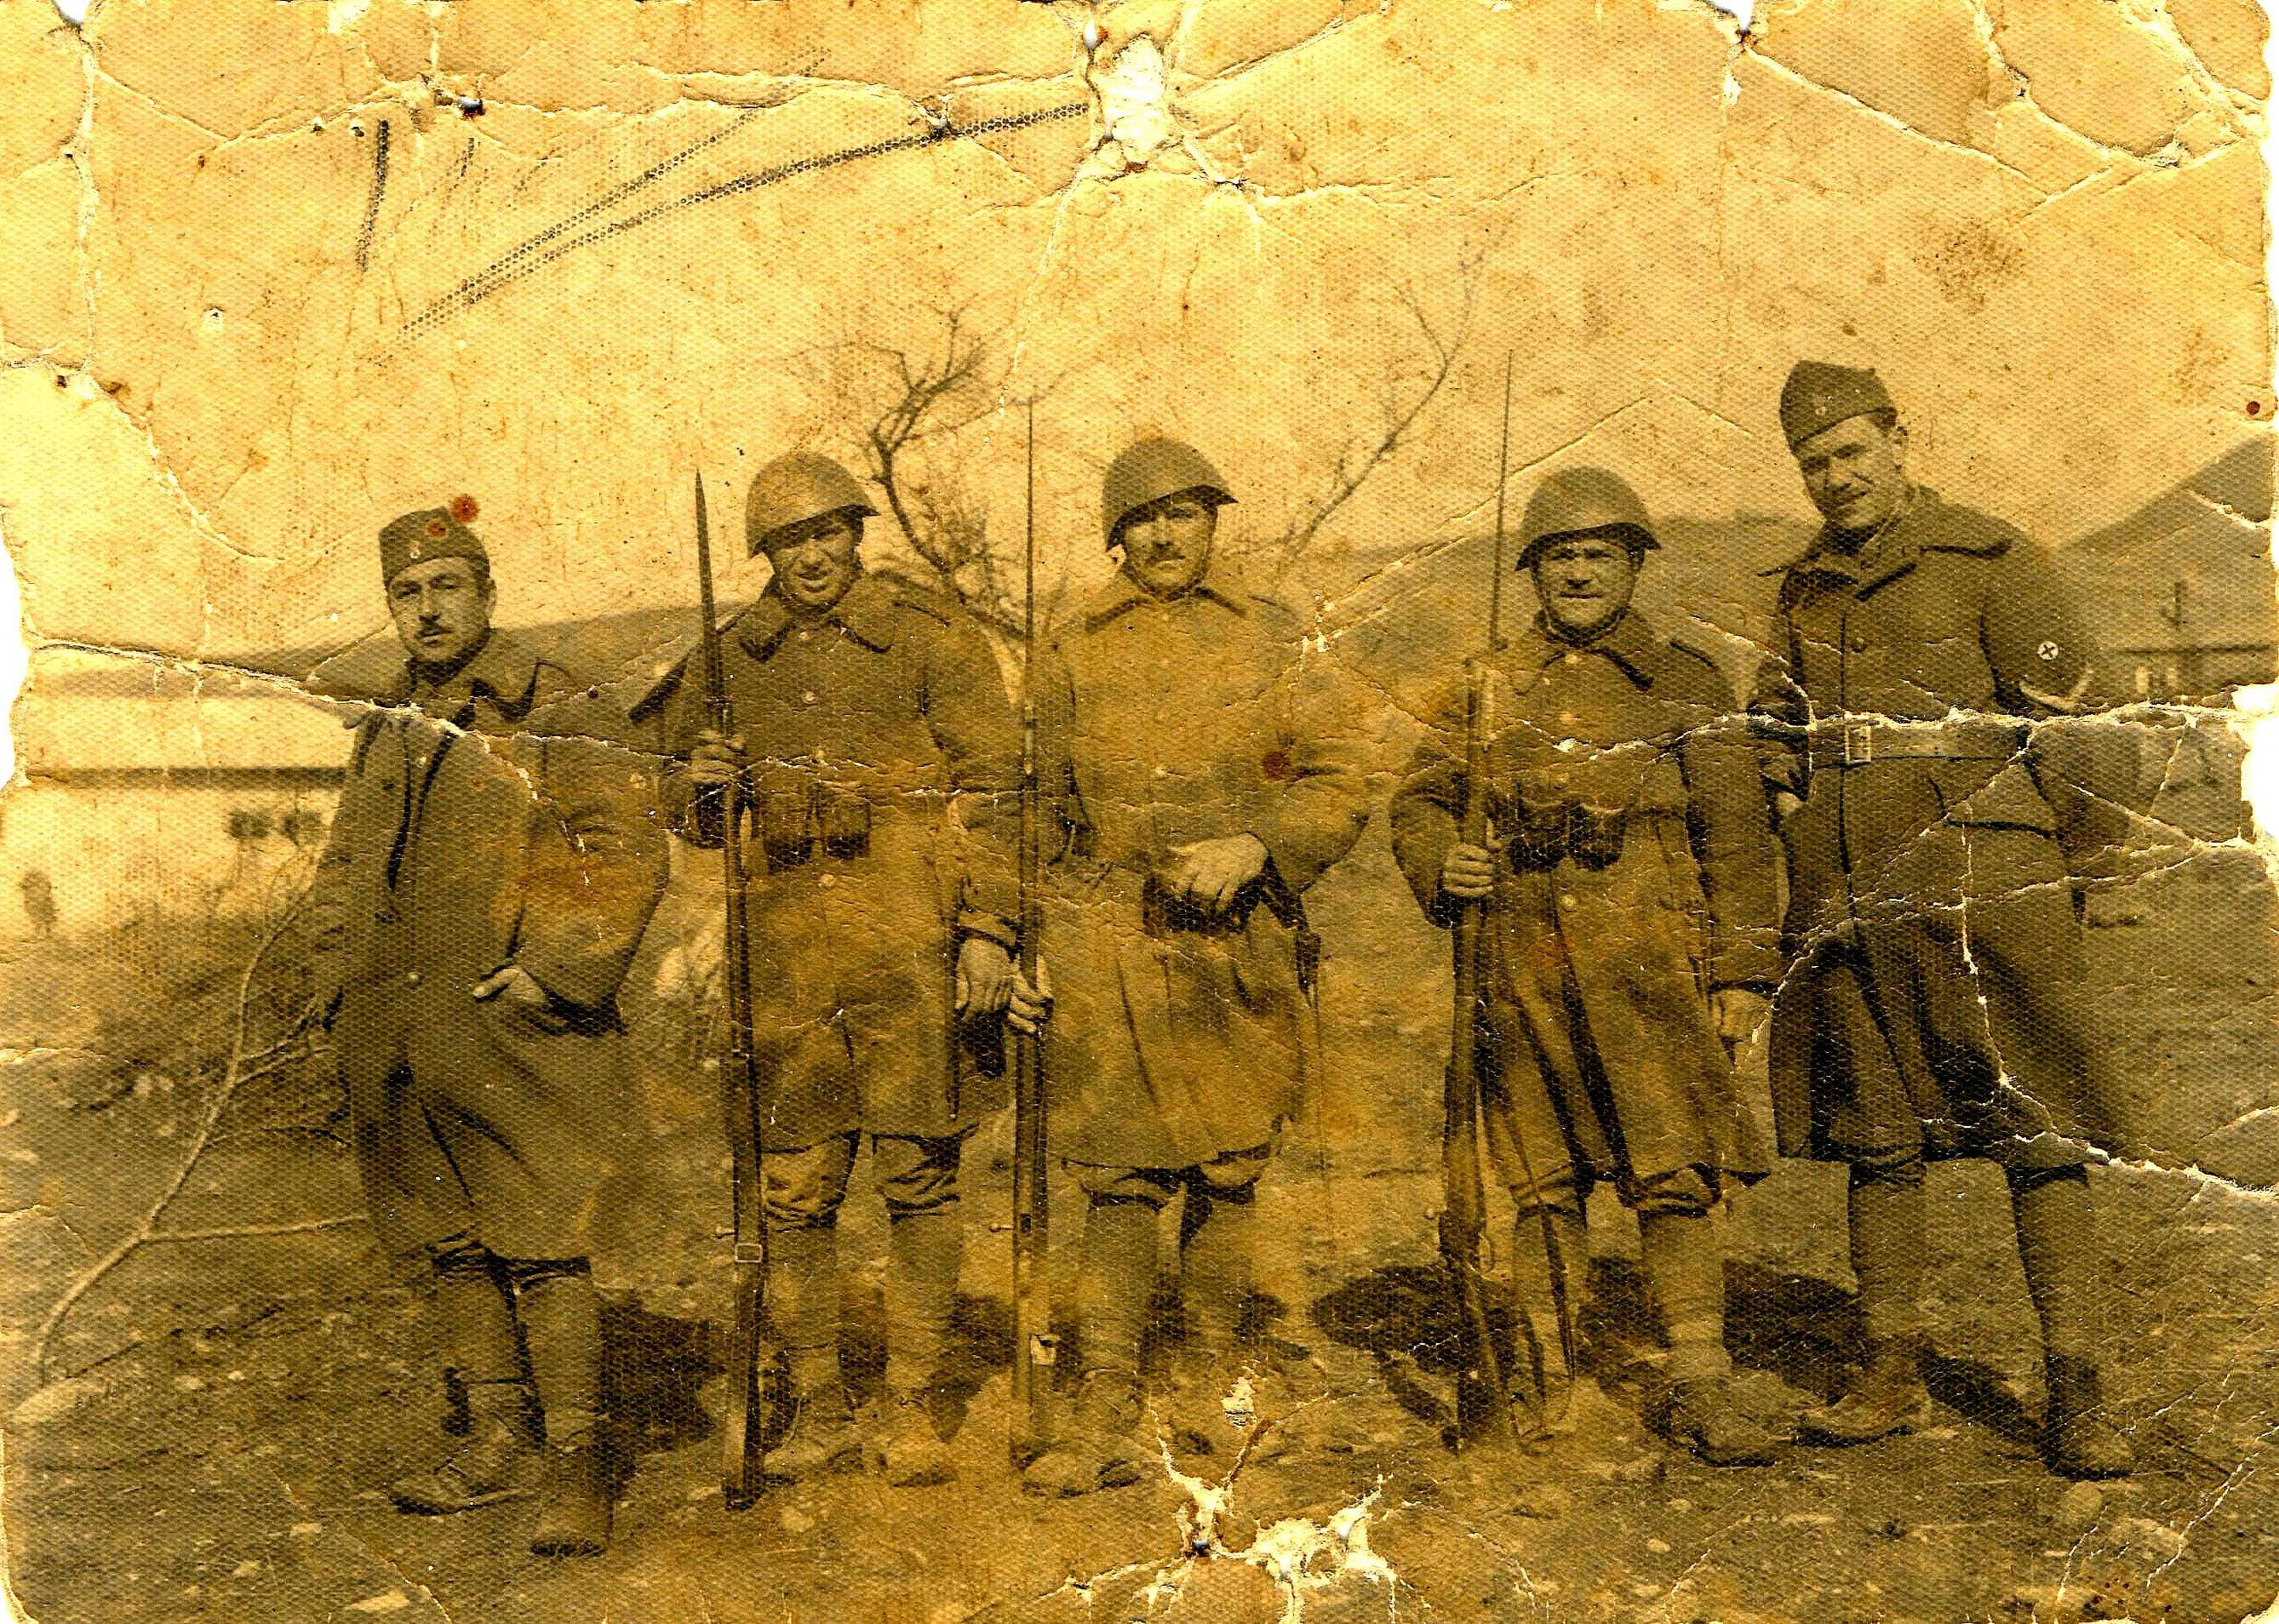 27 Φεβρουαρίου του 1941, Ιερισσιώτες φαντάροι στα βουνά της Αλβανίας. Από αριστερά: Βασίλειος Πασχαλίδης, Γεώργιος Χρυσούλης, Νικόλαος Κατσαντώνης, Στεριανός Τσαμανδάνης, Ιωάννης Τερτυλίνης. Φωτογραφία του Σ. Τσαμανδάνη.